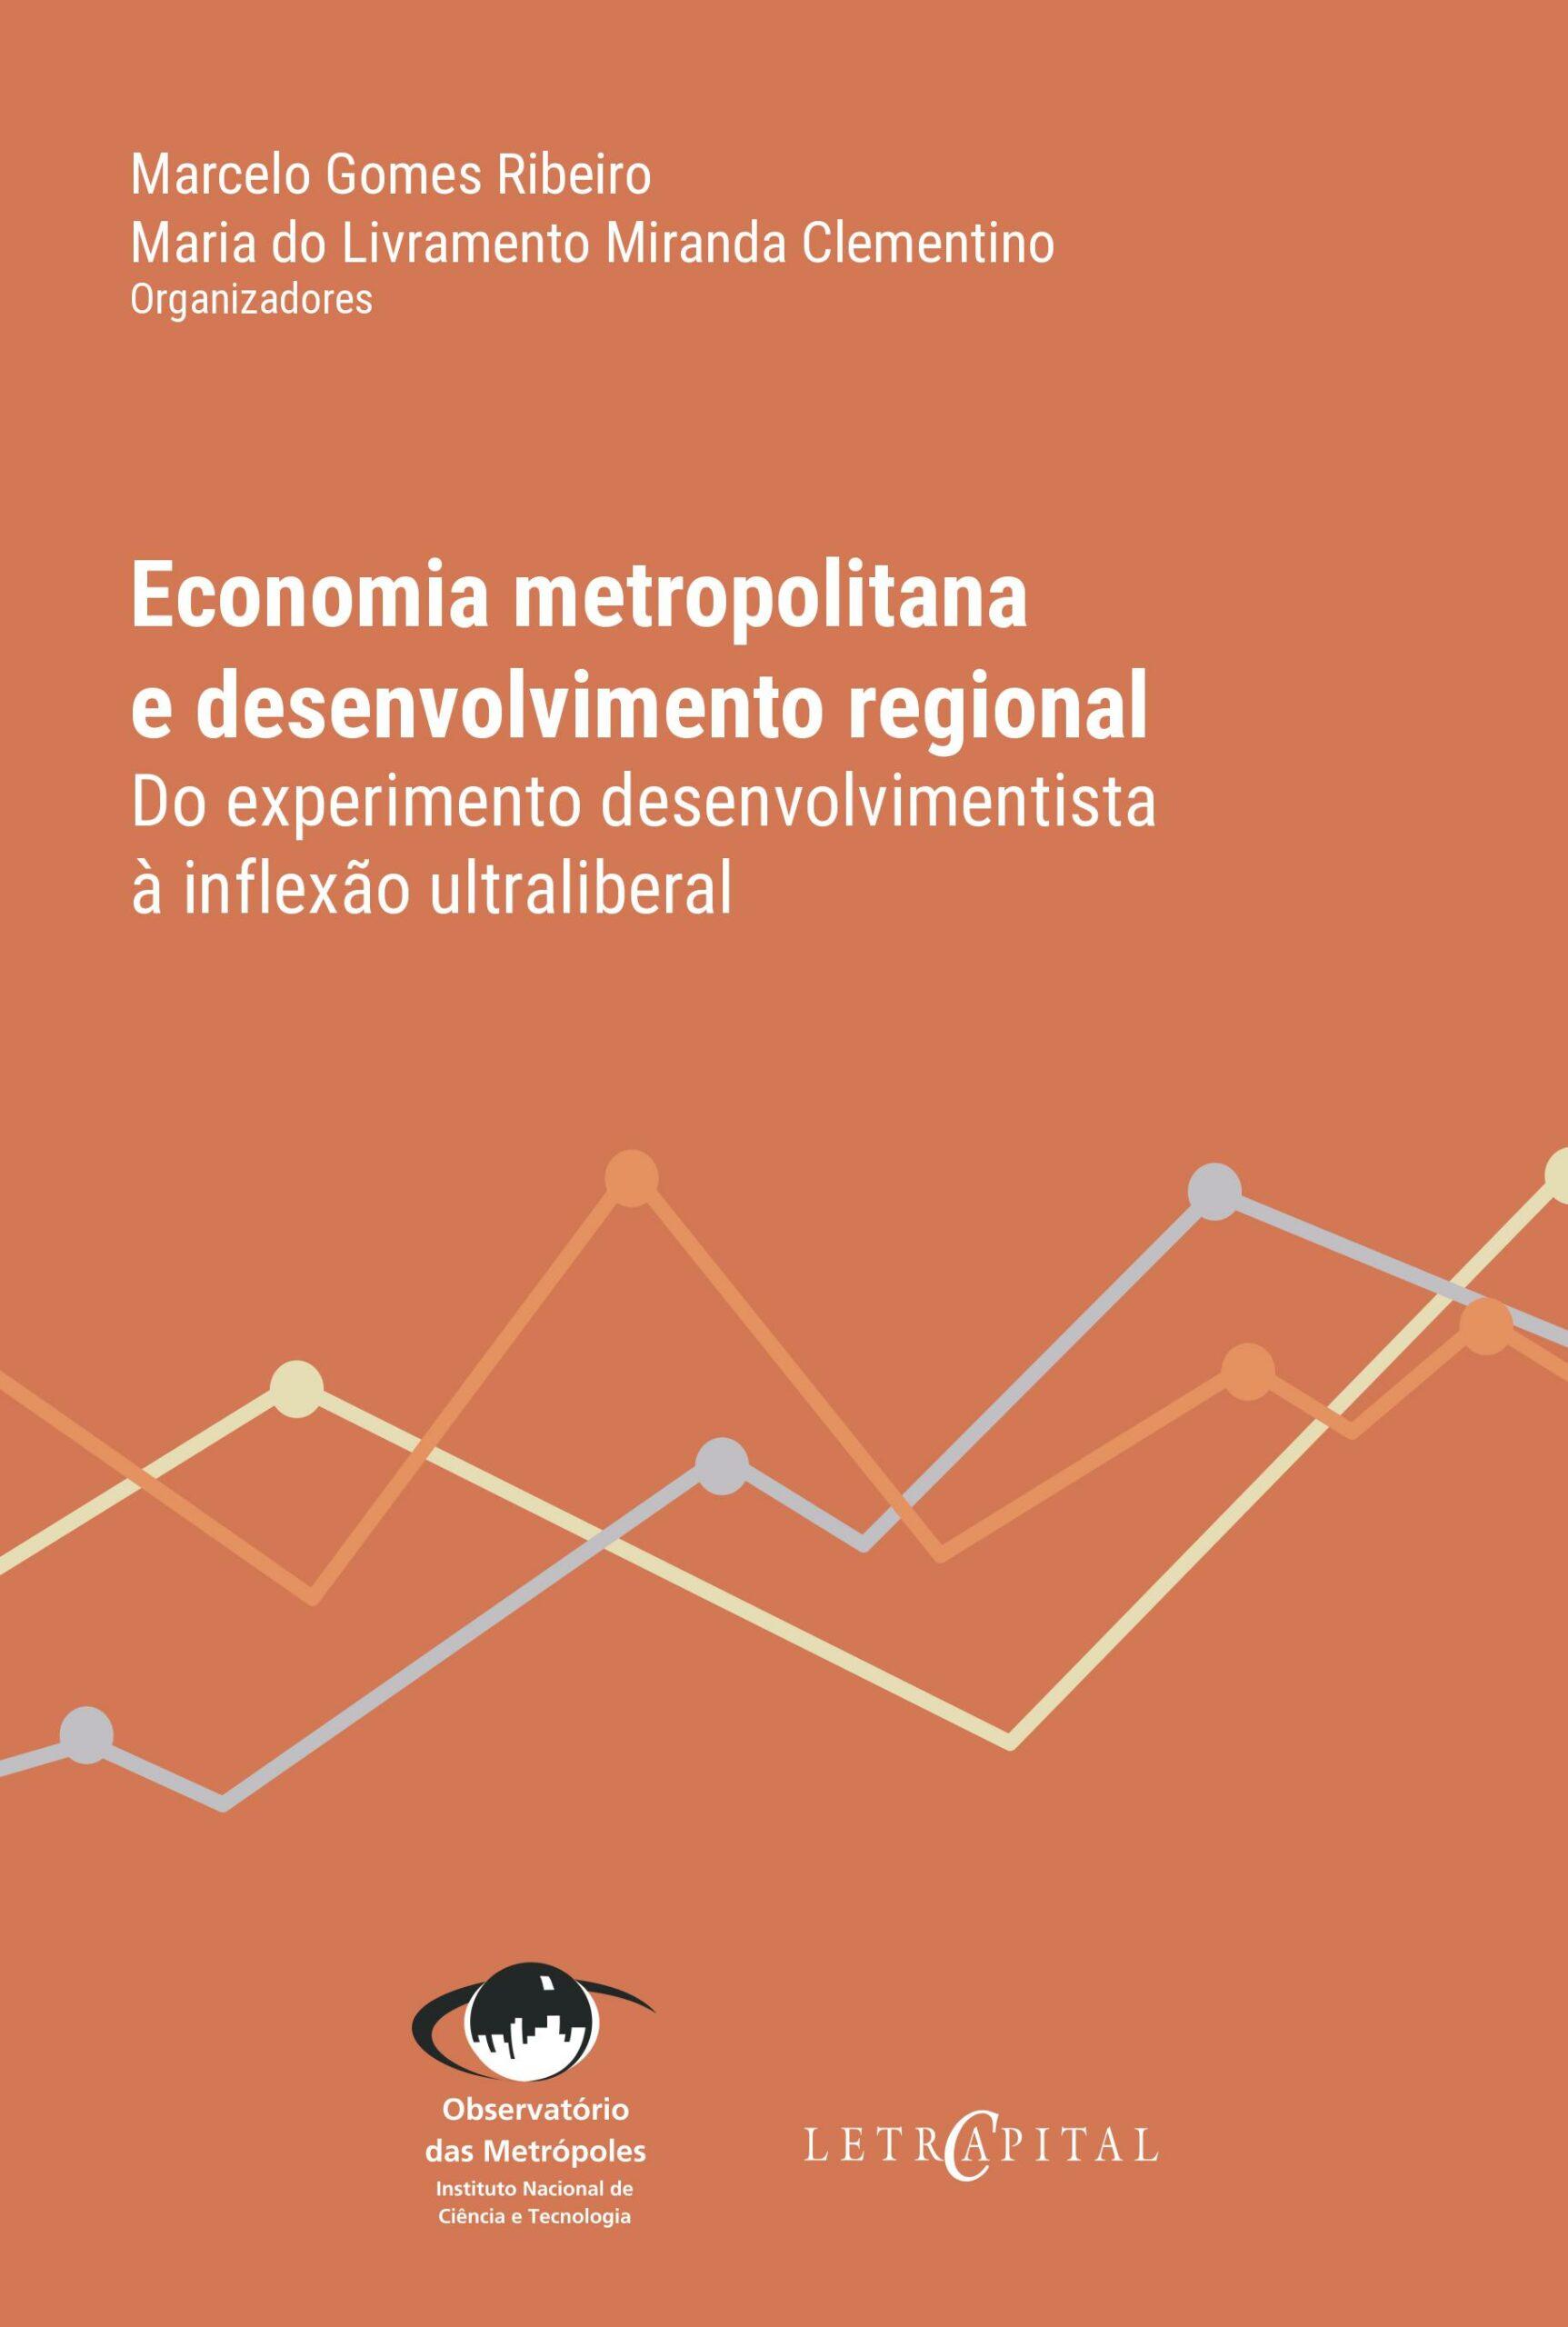 Economia metropolitana e desenvolvimento regional: do experimento desenvolvimentista à inflexão ultraliberal